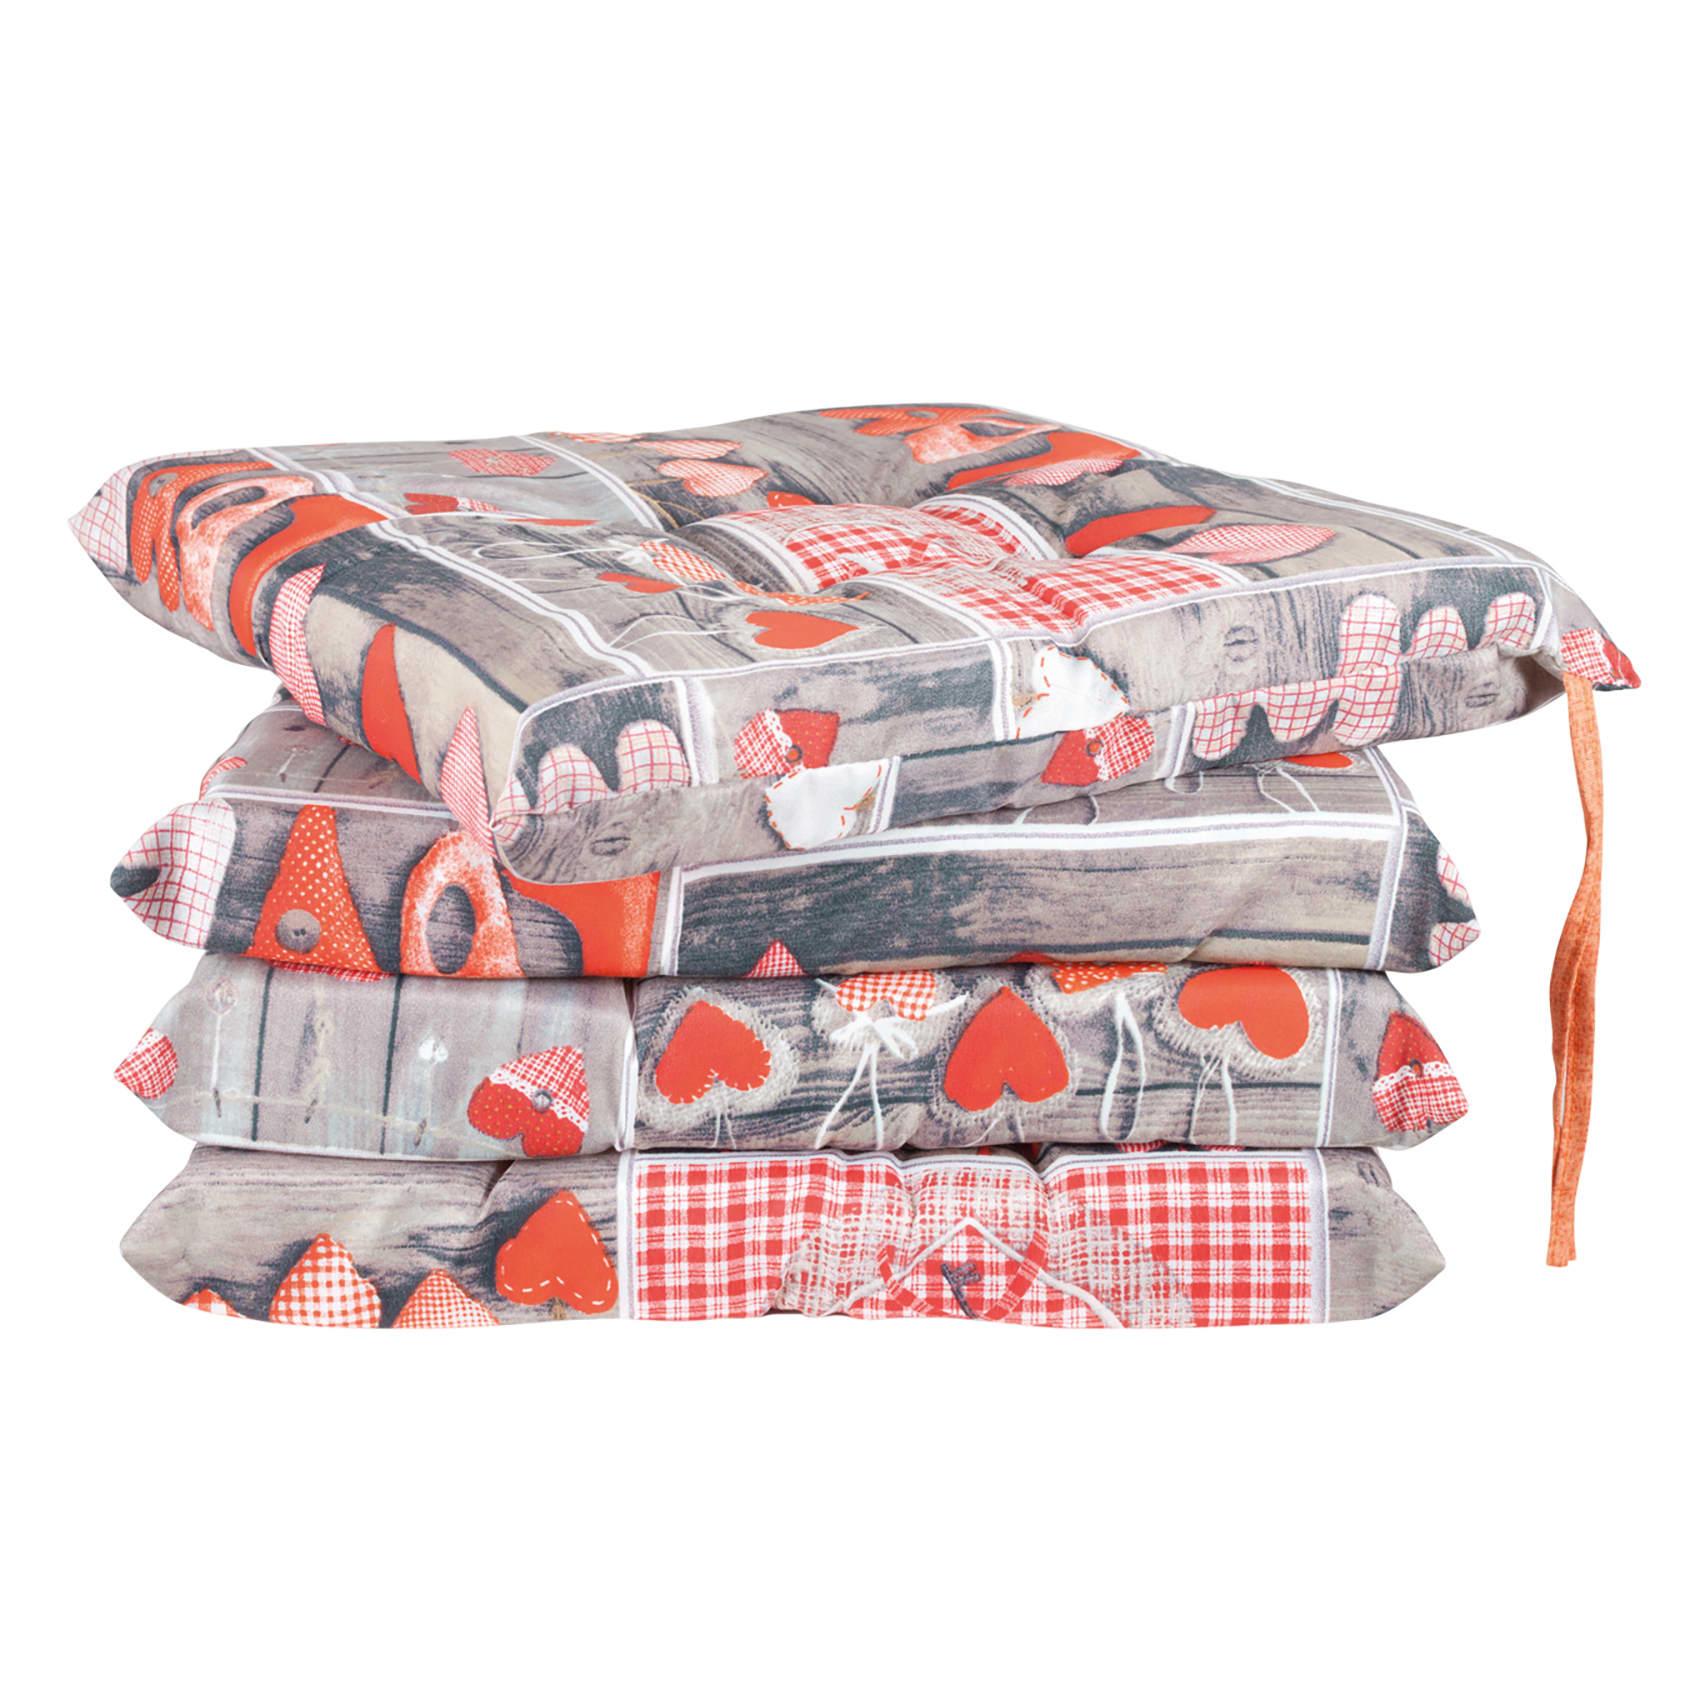 Cuscino per sedia Cuore arancio 40x20 cm, 4 pezzi